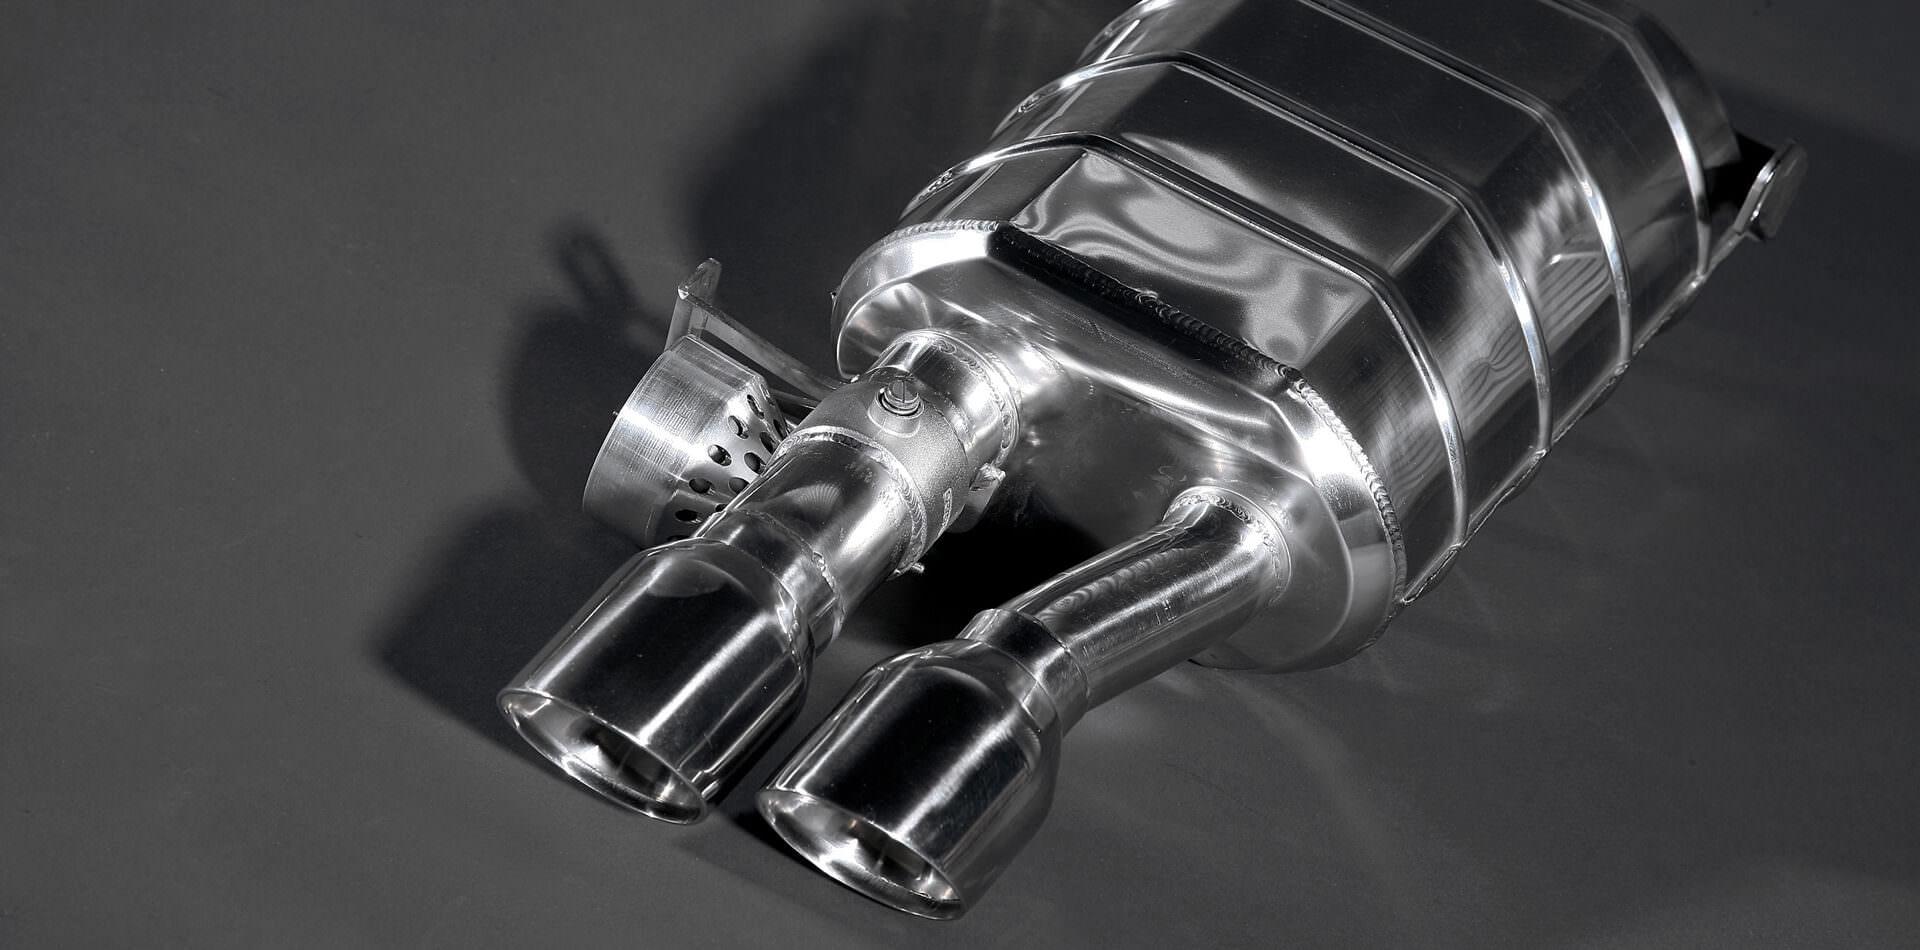 Klappenauspuff_Maserati-1